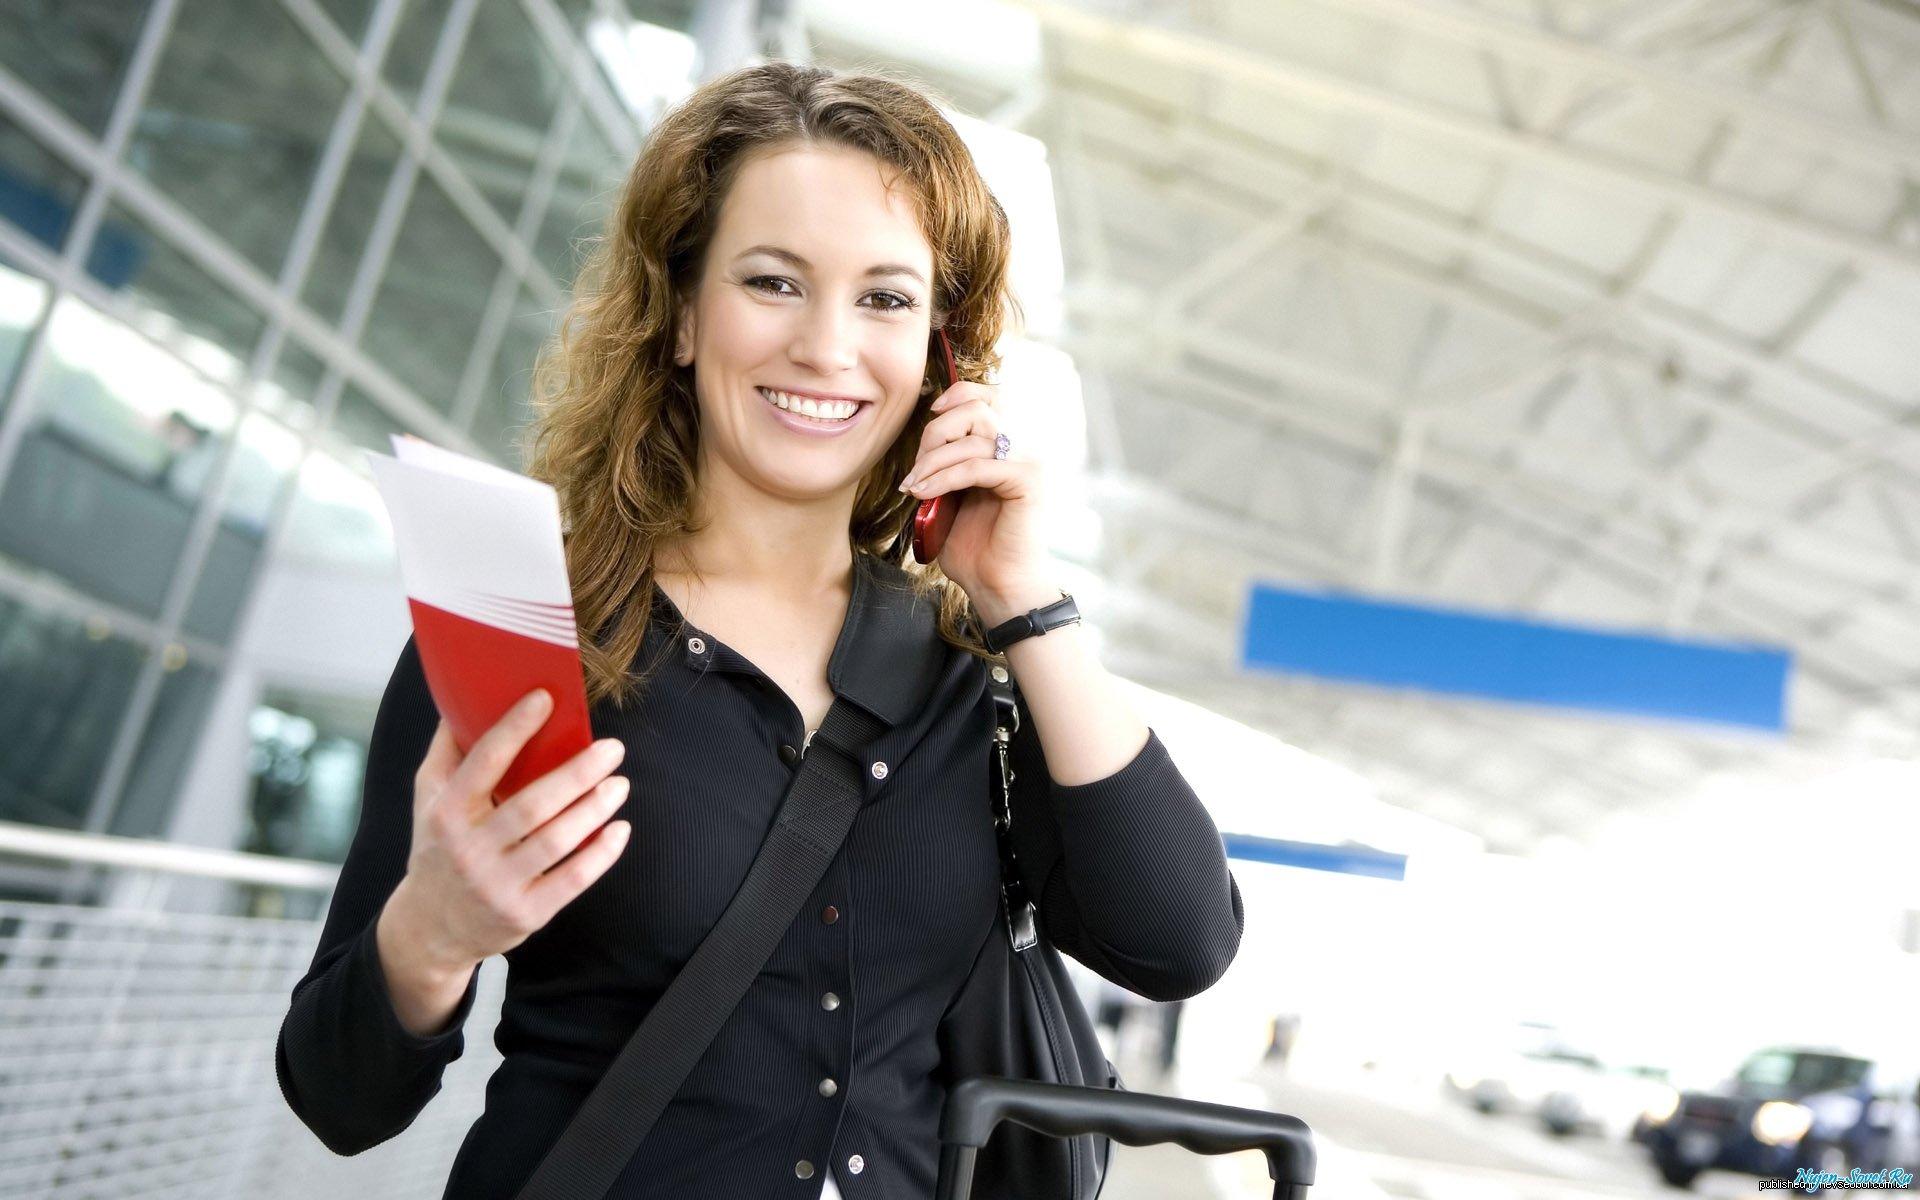 Чтобы найти хорошую вакансию за границей, нужно хорошо знать английский язык